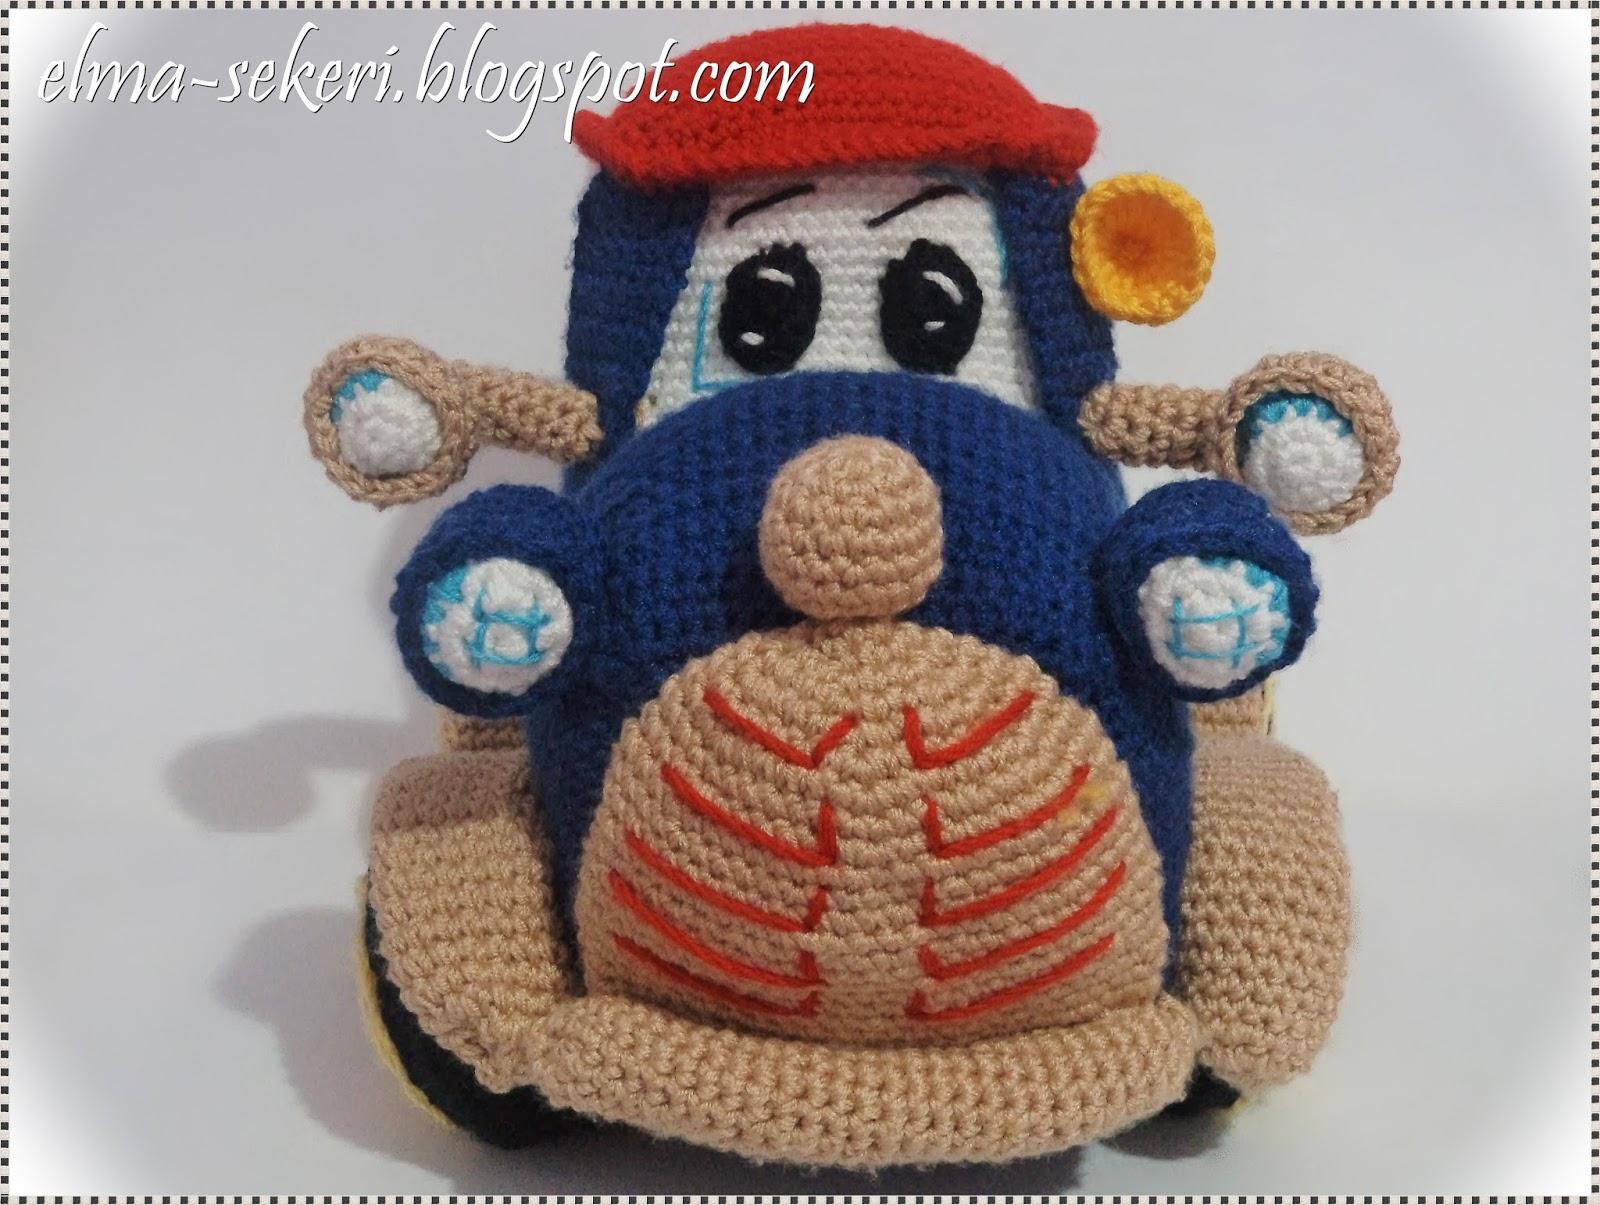 Amigurumi Bebekte Saç Yapımı : Elma Şekeri el sanatları atölyesi amigurumi bebekler ve Örgü